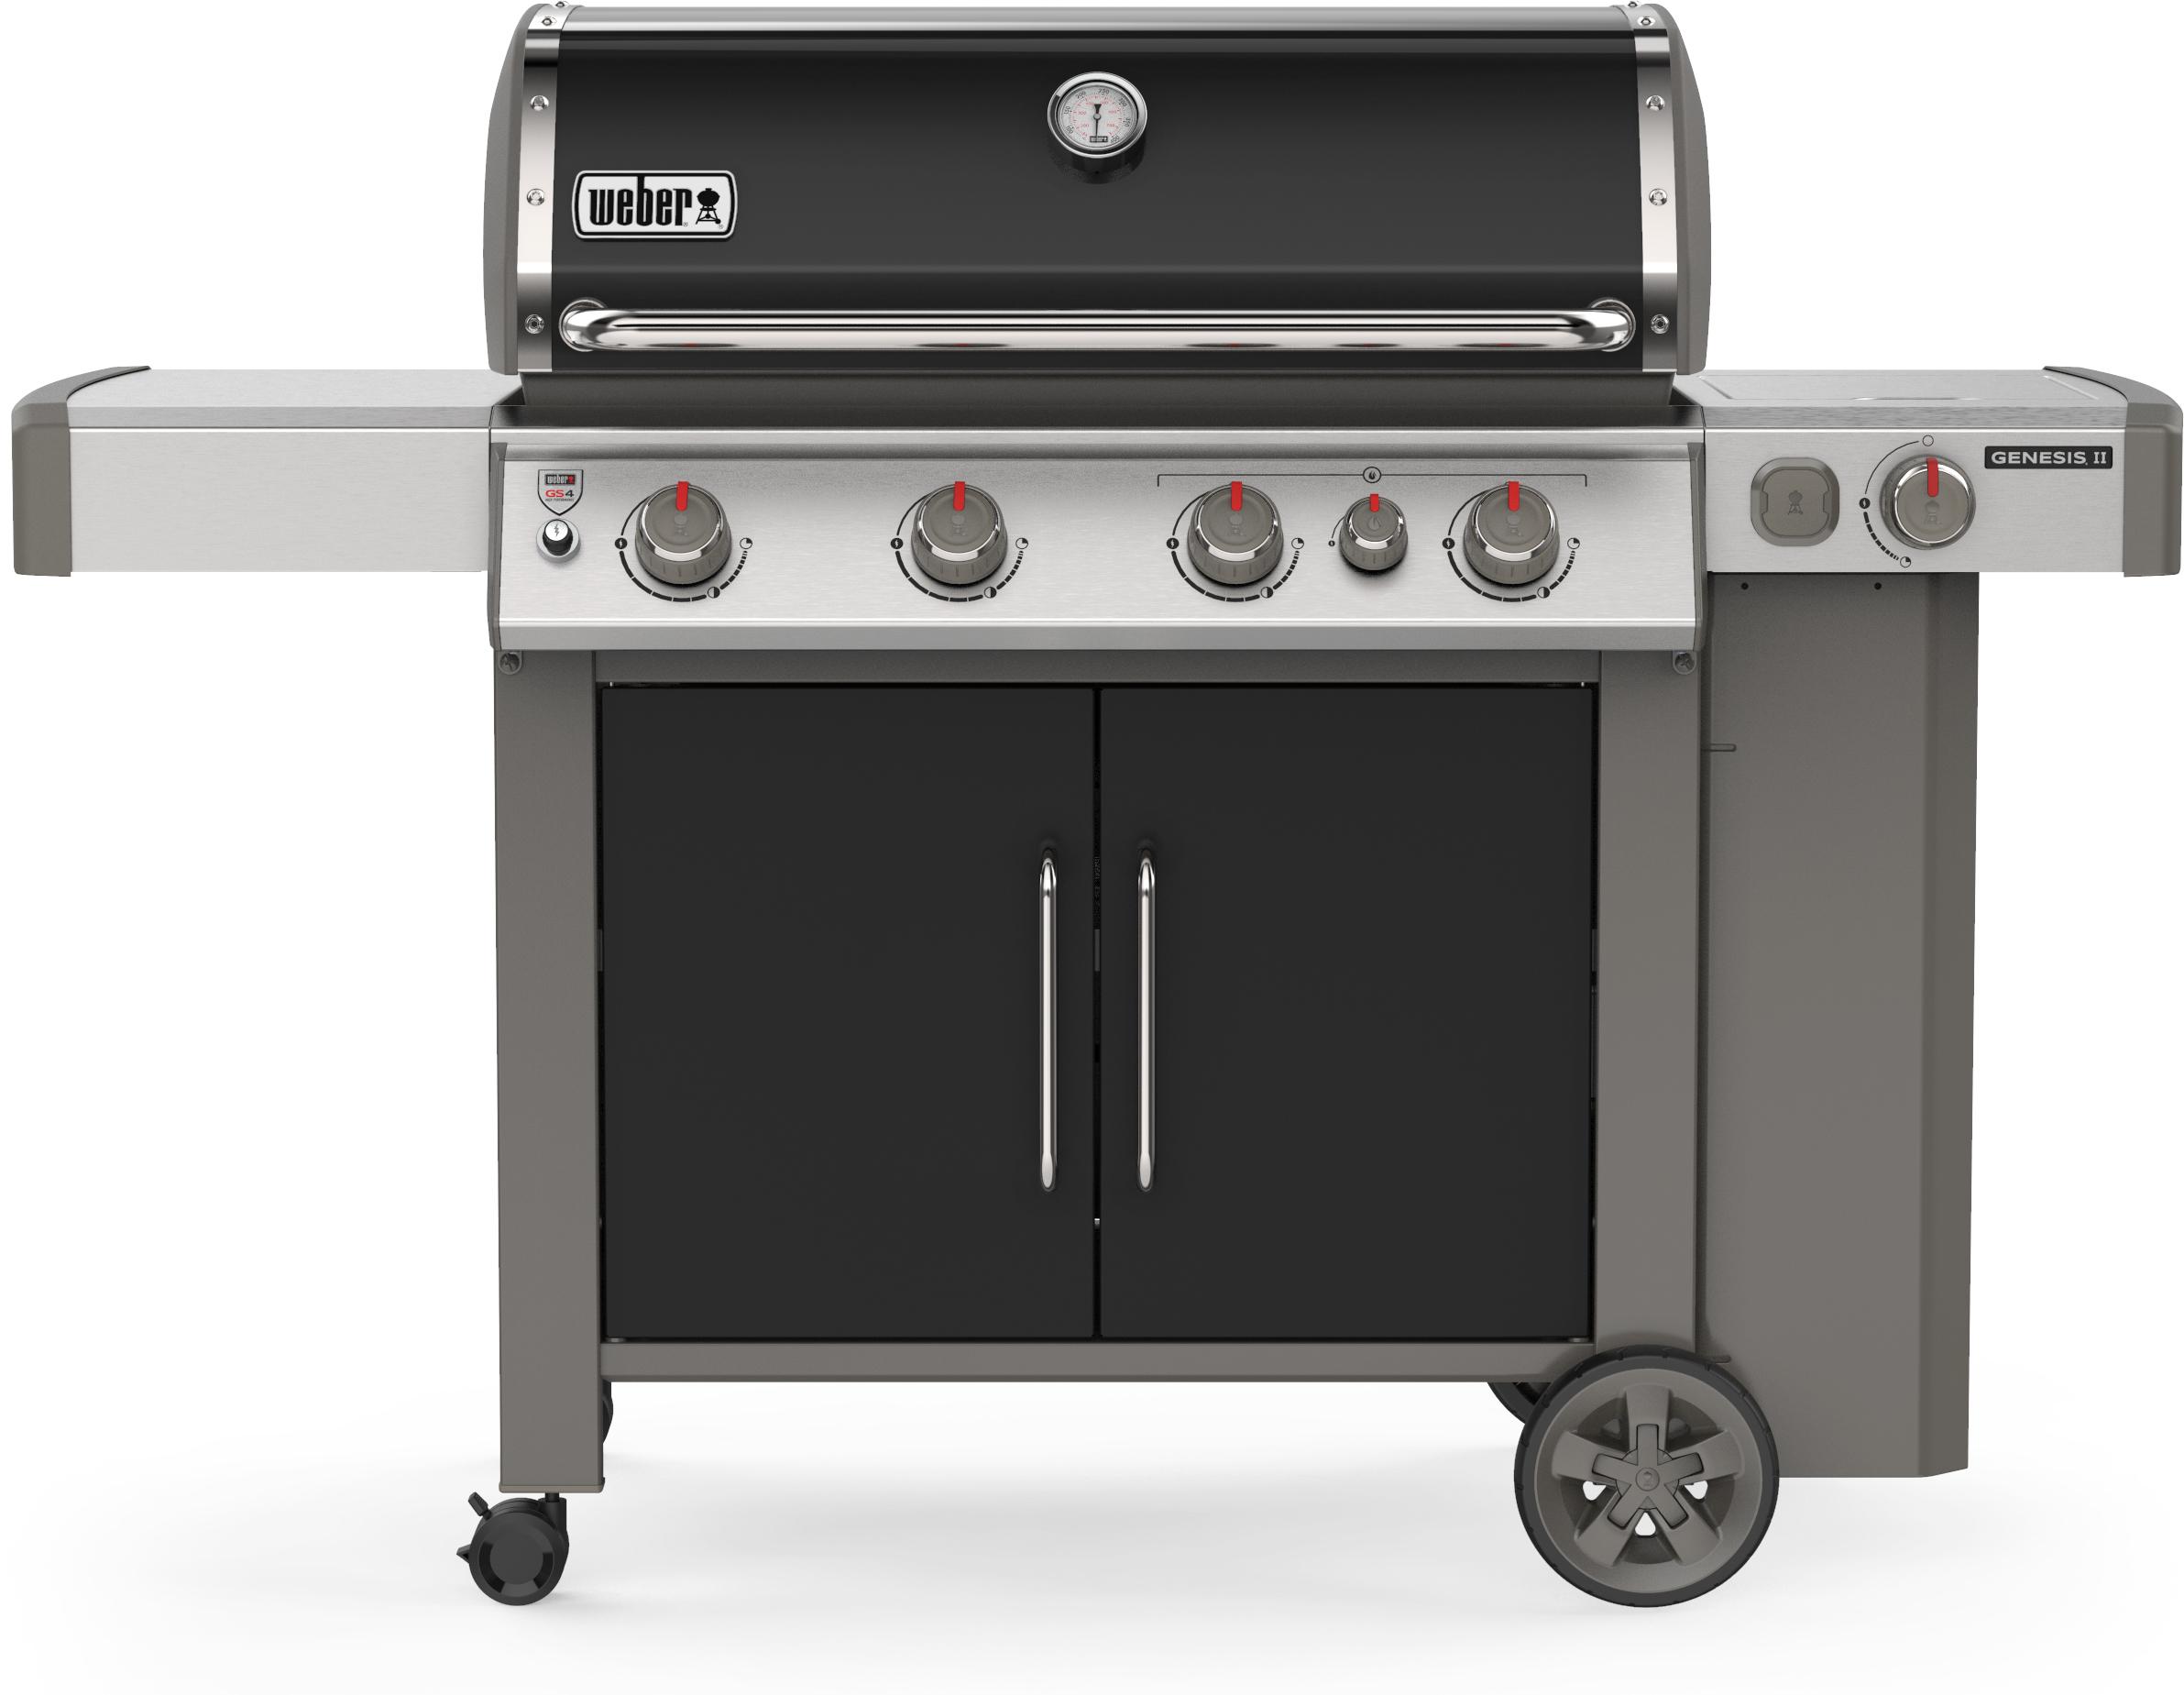 Weber Outdoor Küche Unterschied : Alles für die moderne outdoorküche findest du bei bbq love